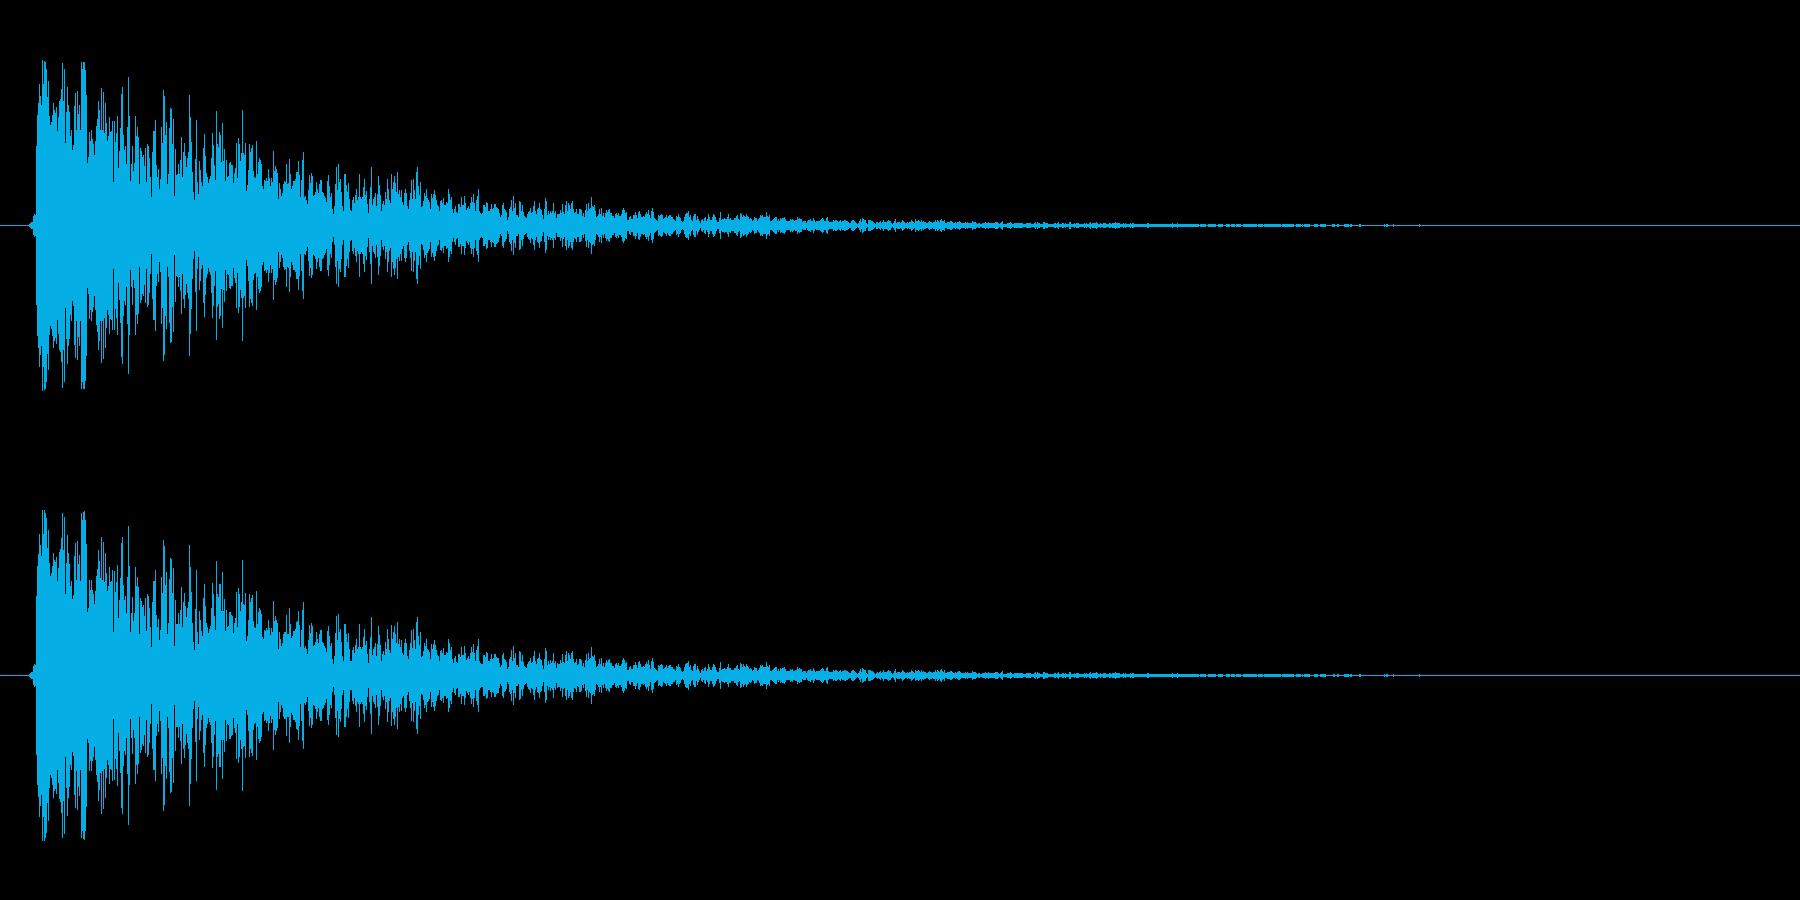 【衝撃05-2】の再生済みの波形